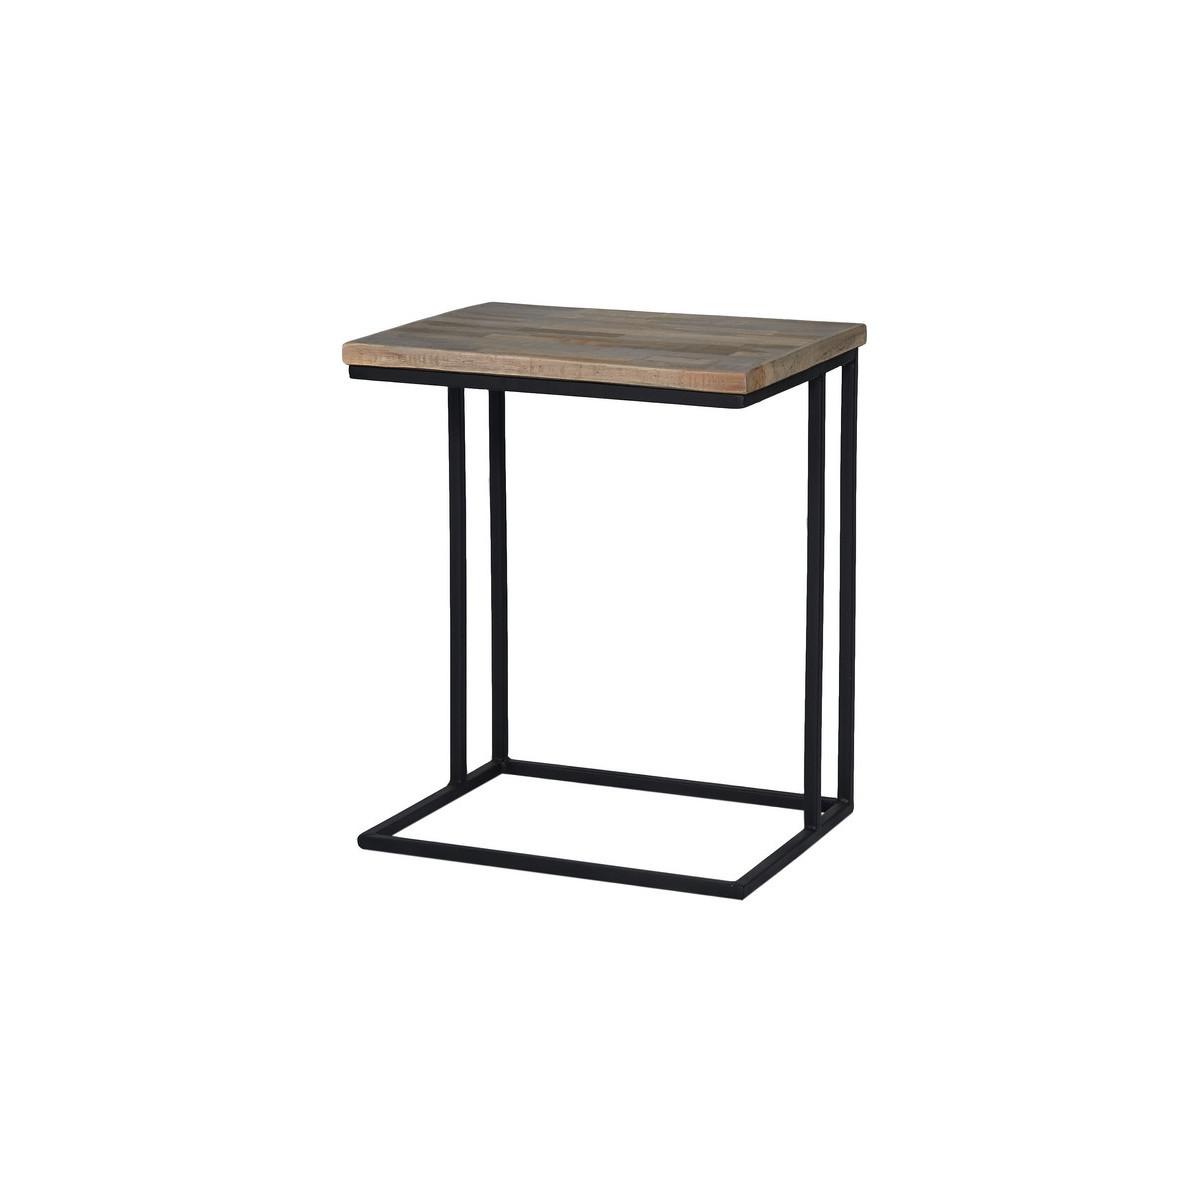 Table Basse En U Michael Avec Son Plateau En Contreplaqué Marine Teck Recyclé Et Sa Structure Métal